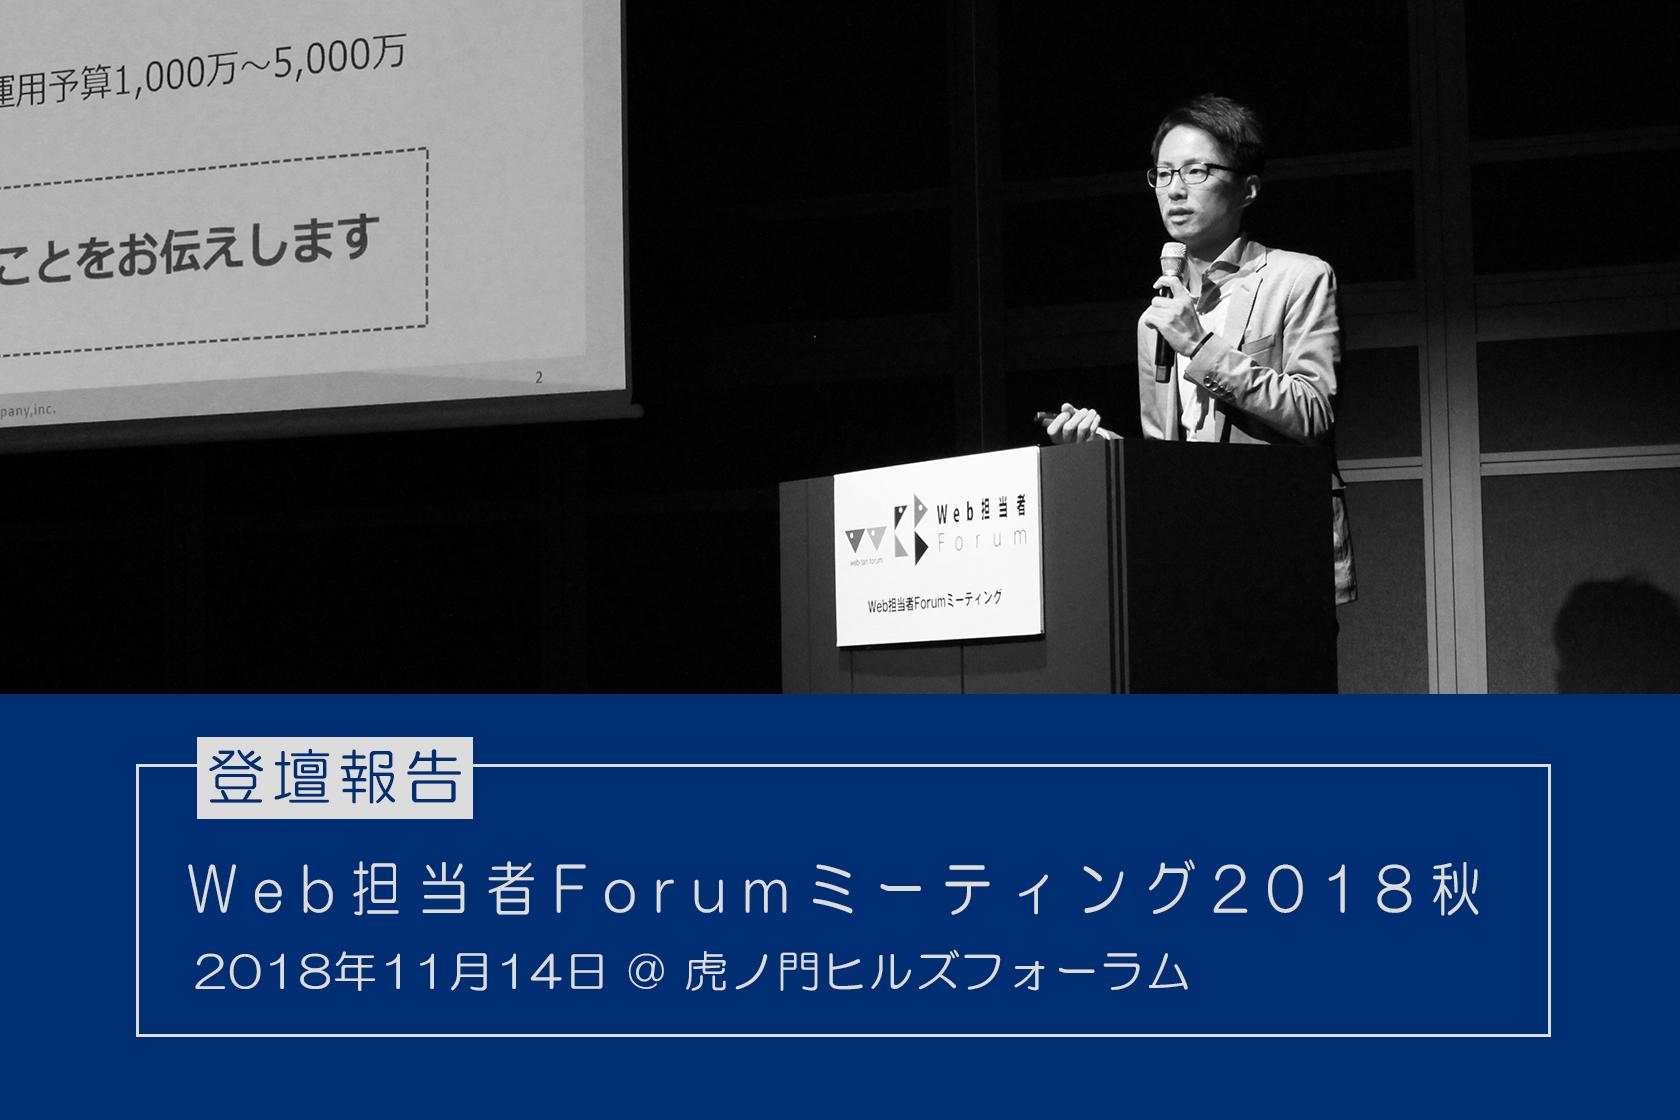 『Web担当者Forum ミーティング 2018 秋』に登壇しました